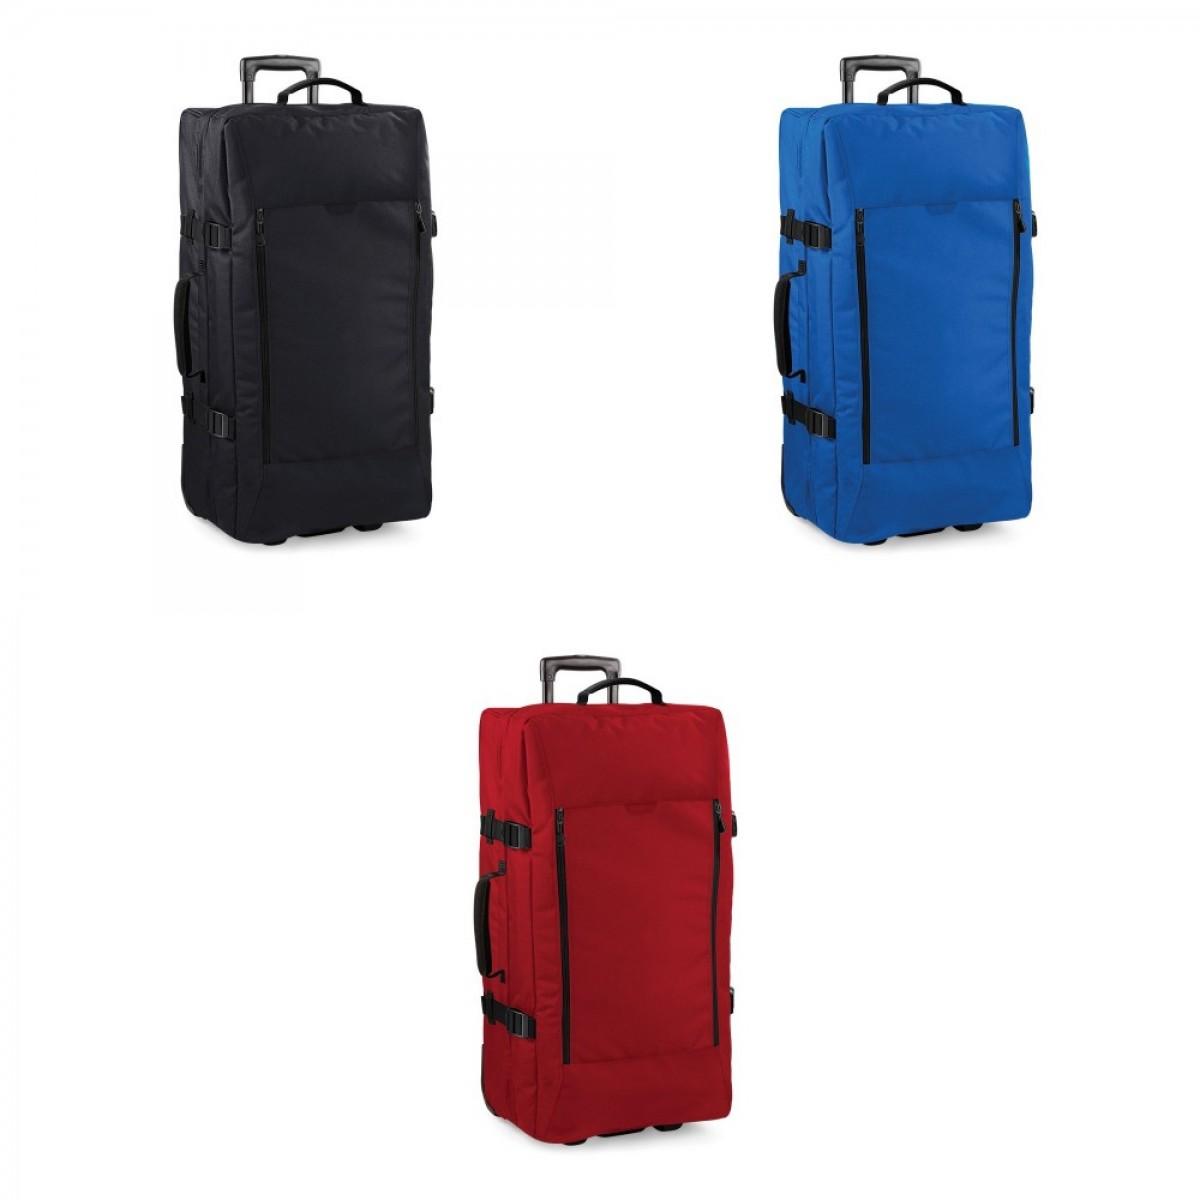 (バッグベース) Bagbase Escape デュアルレイヤー ラージ キャビン ウィーリー トラベルバッグ スーツケース 旅行鞄 (95L) 【海外直送】